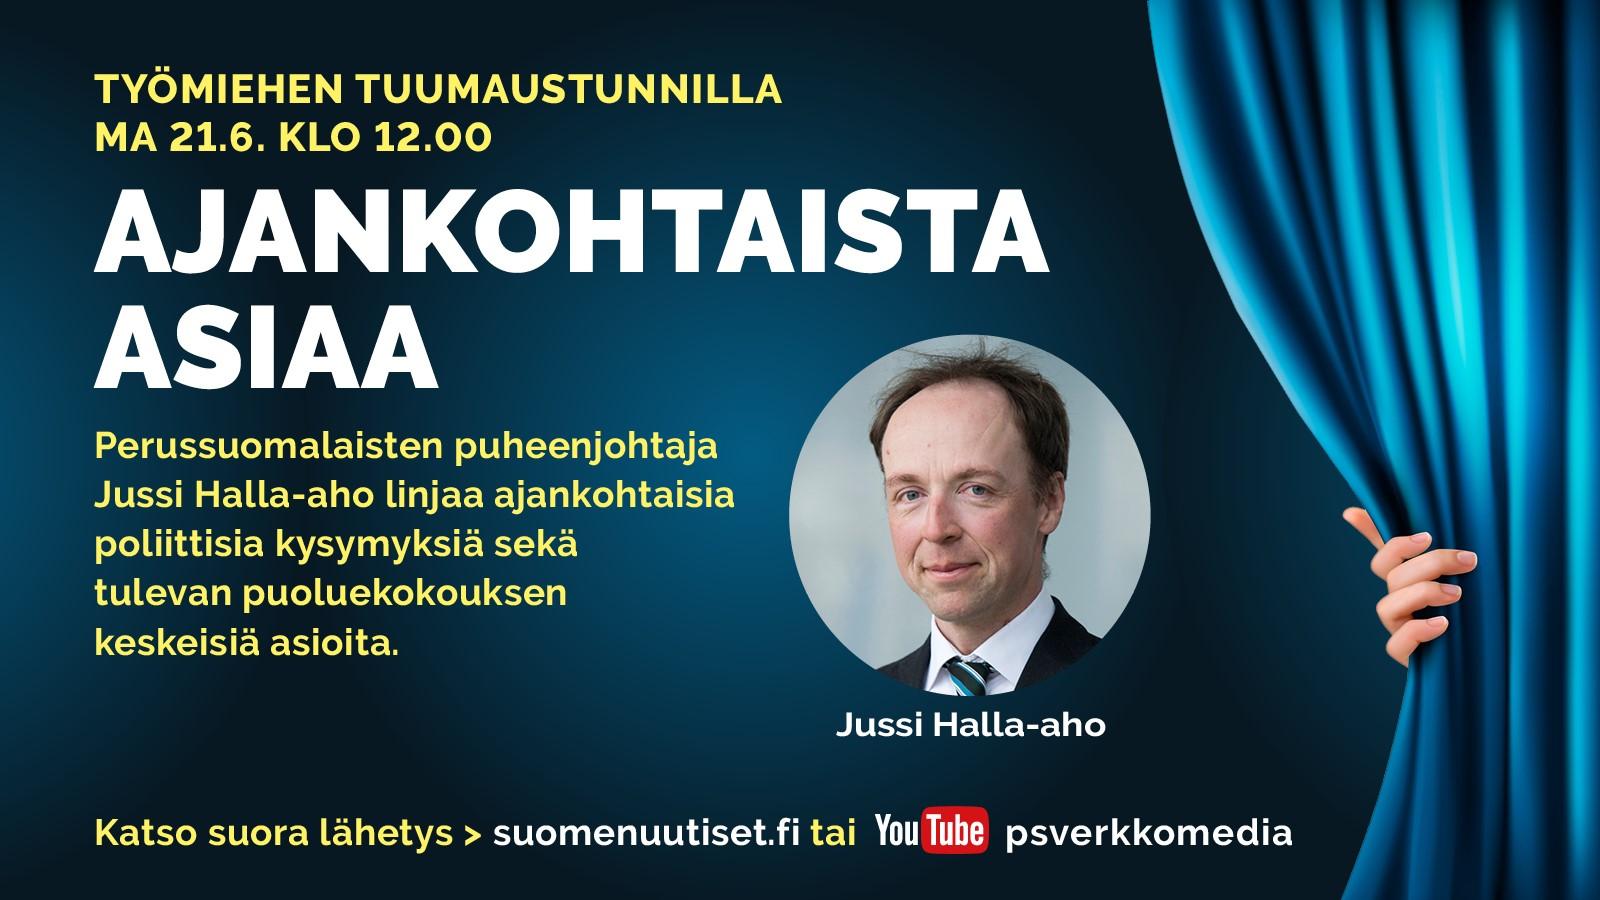 Maanantain Tuumaustunnilla: Jussi Halla-aho linjaa ajankohtaisia poliittisia kysymyksiä ja puoluekokousasiaa